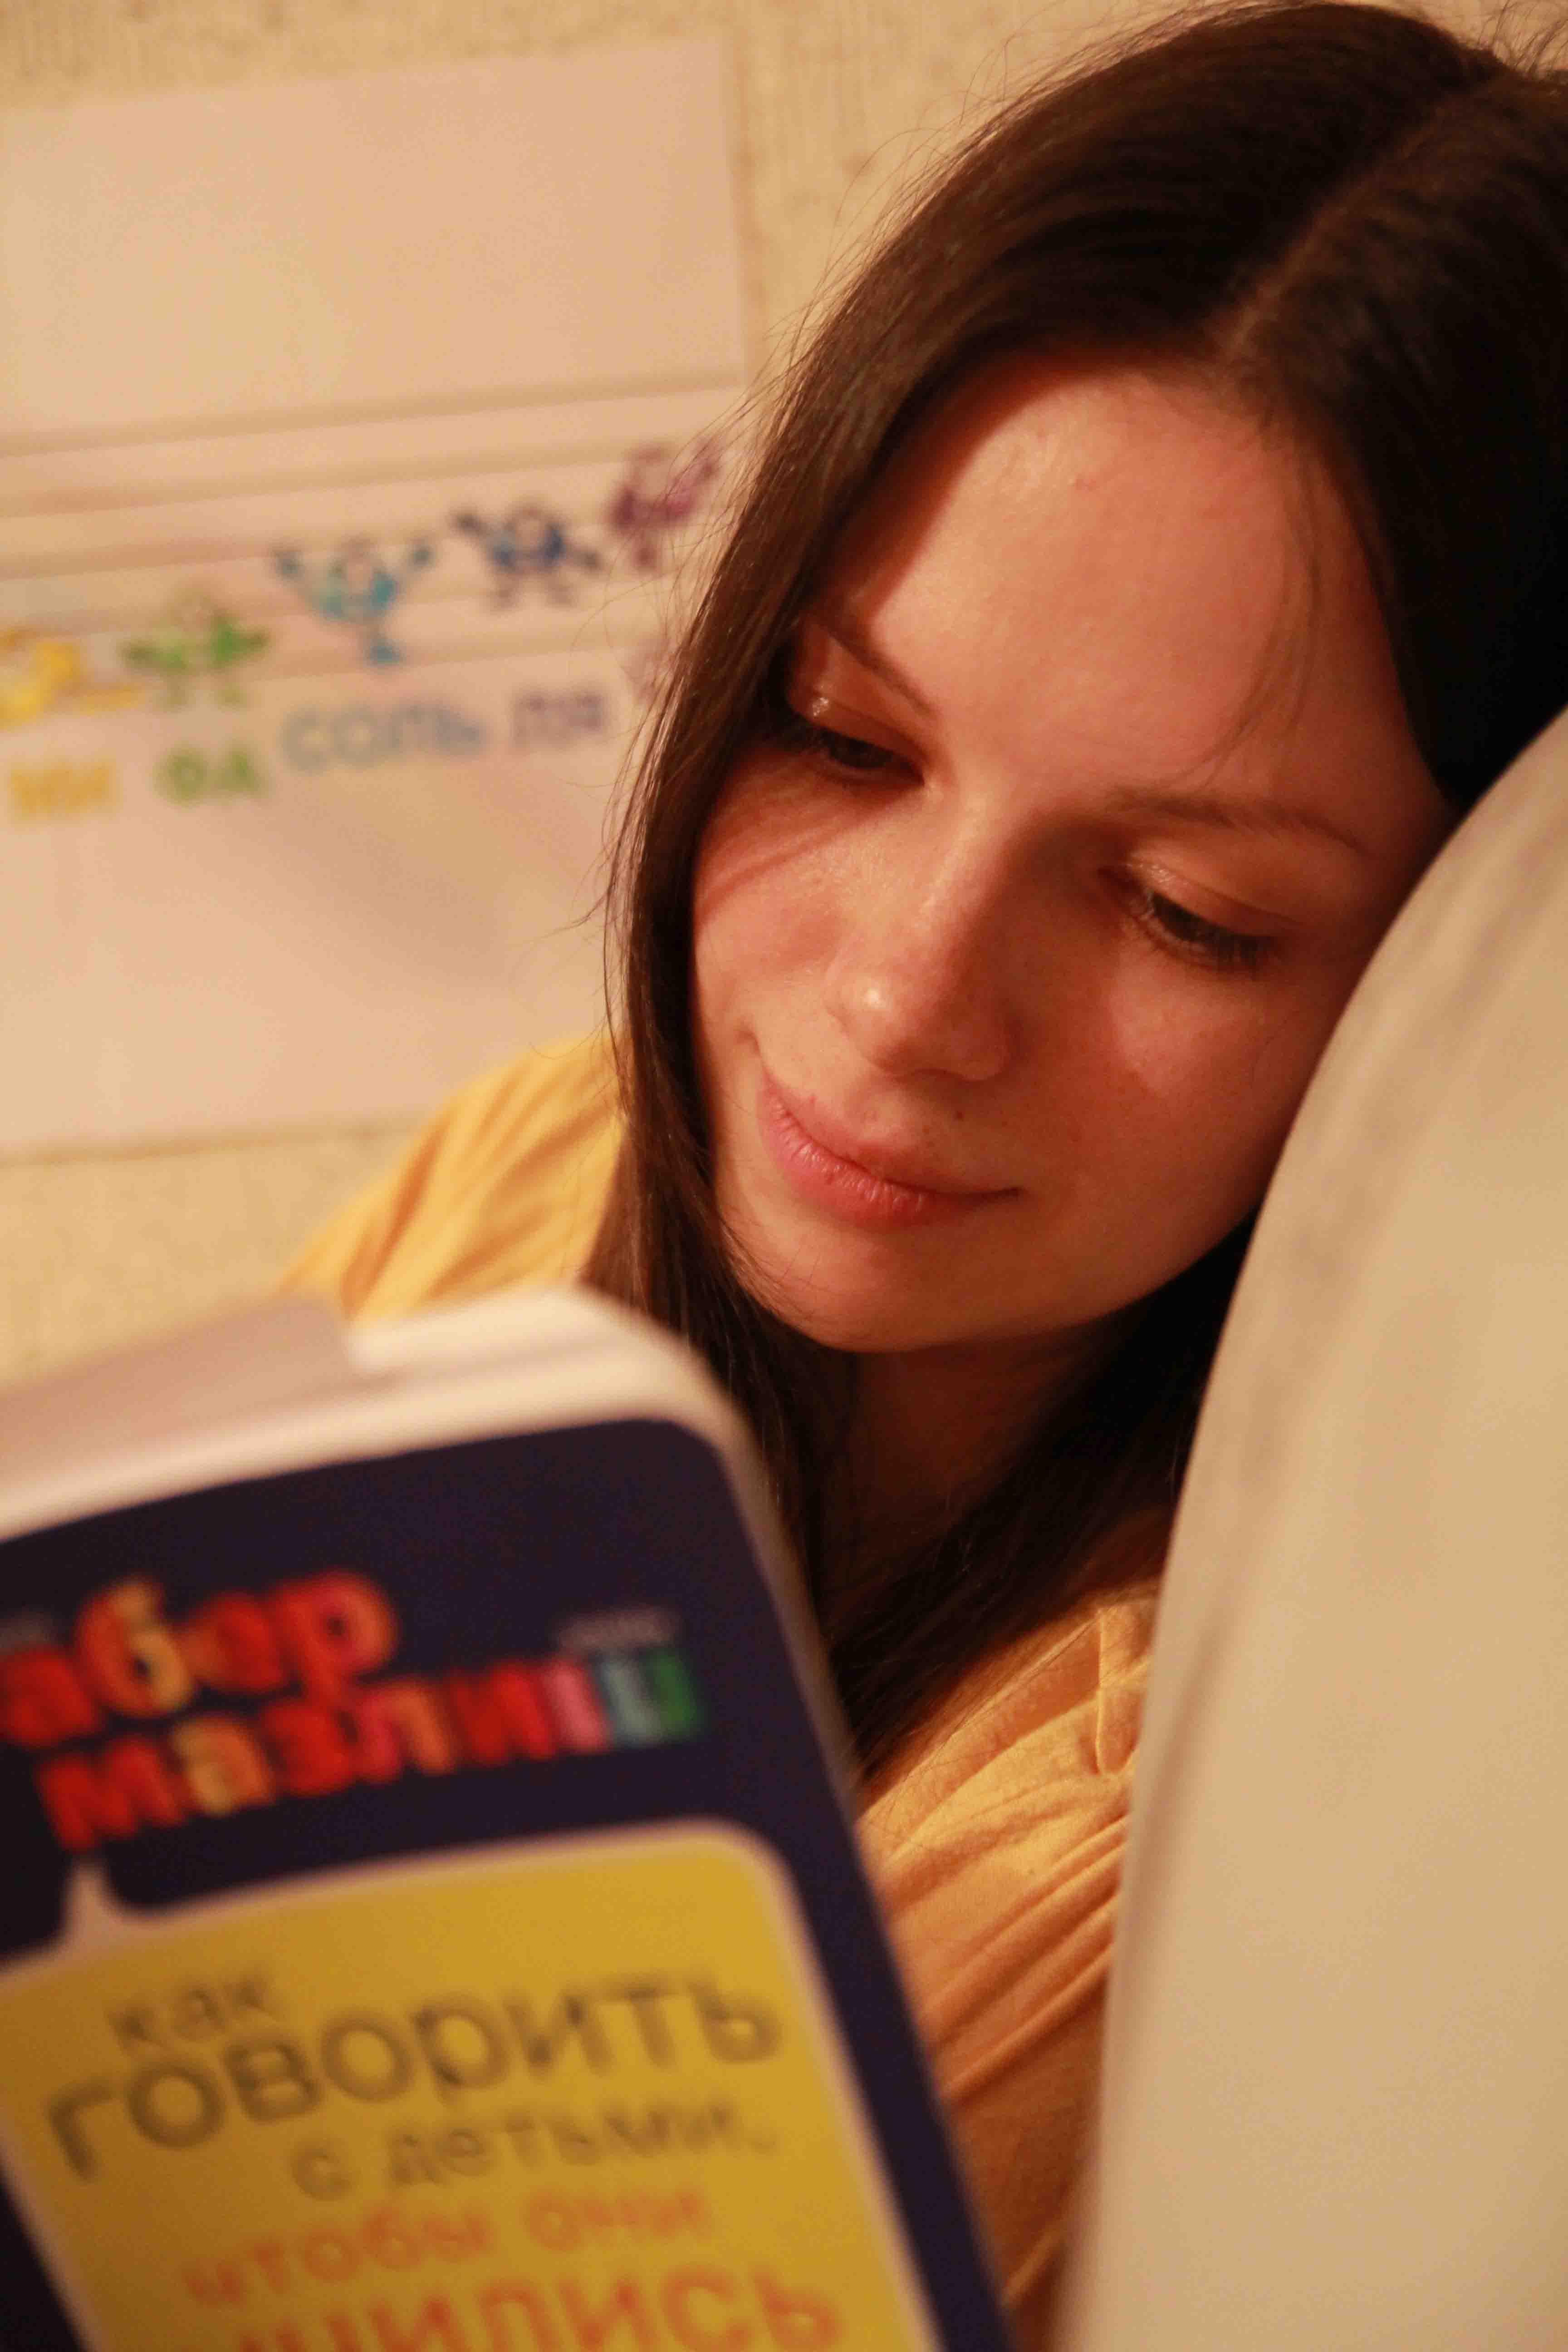 ХОККЕЙНЫЙ ПАПА - Для родителей будущих и настоящих. Книги.